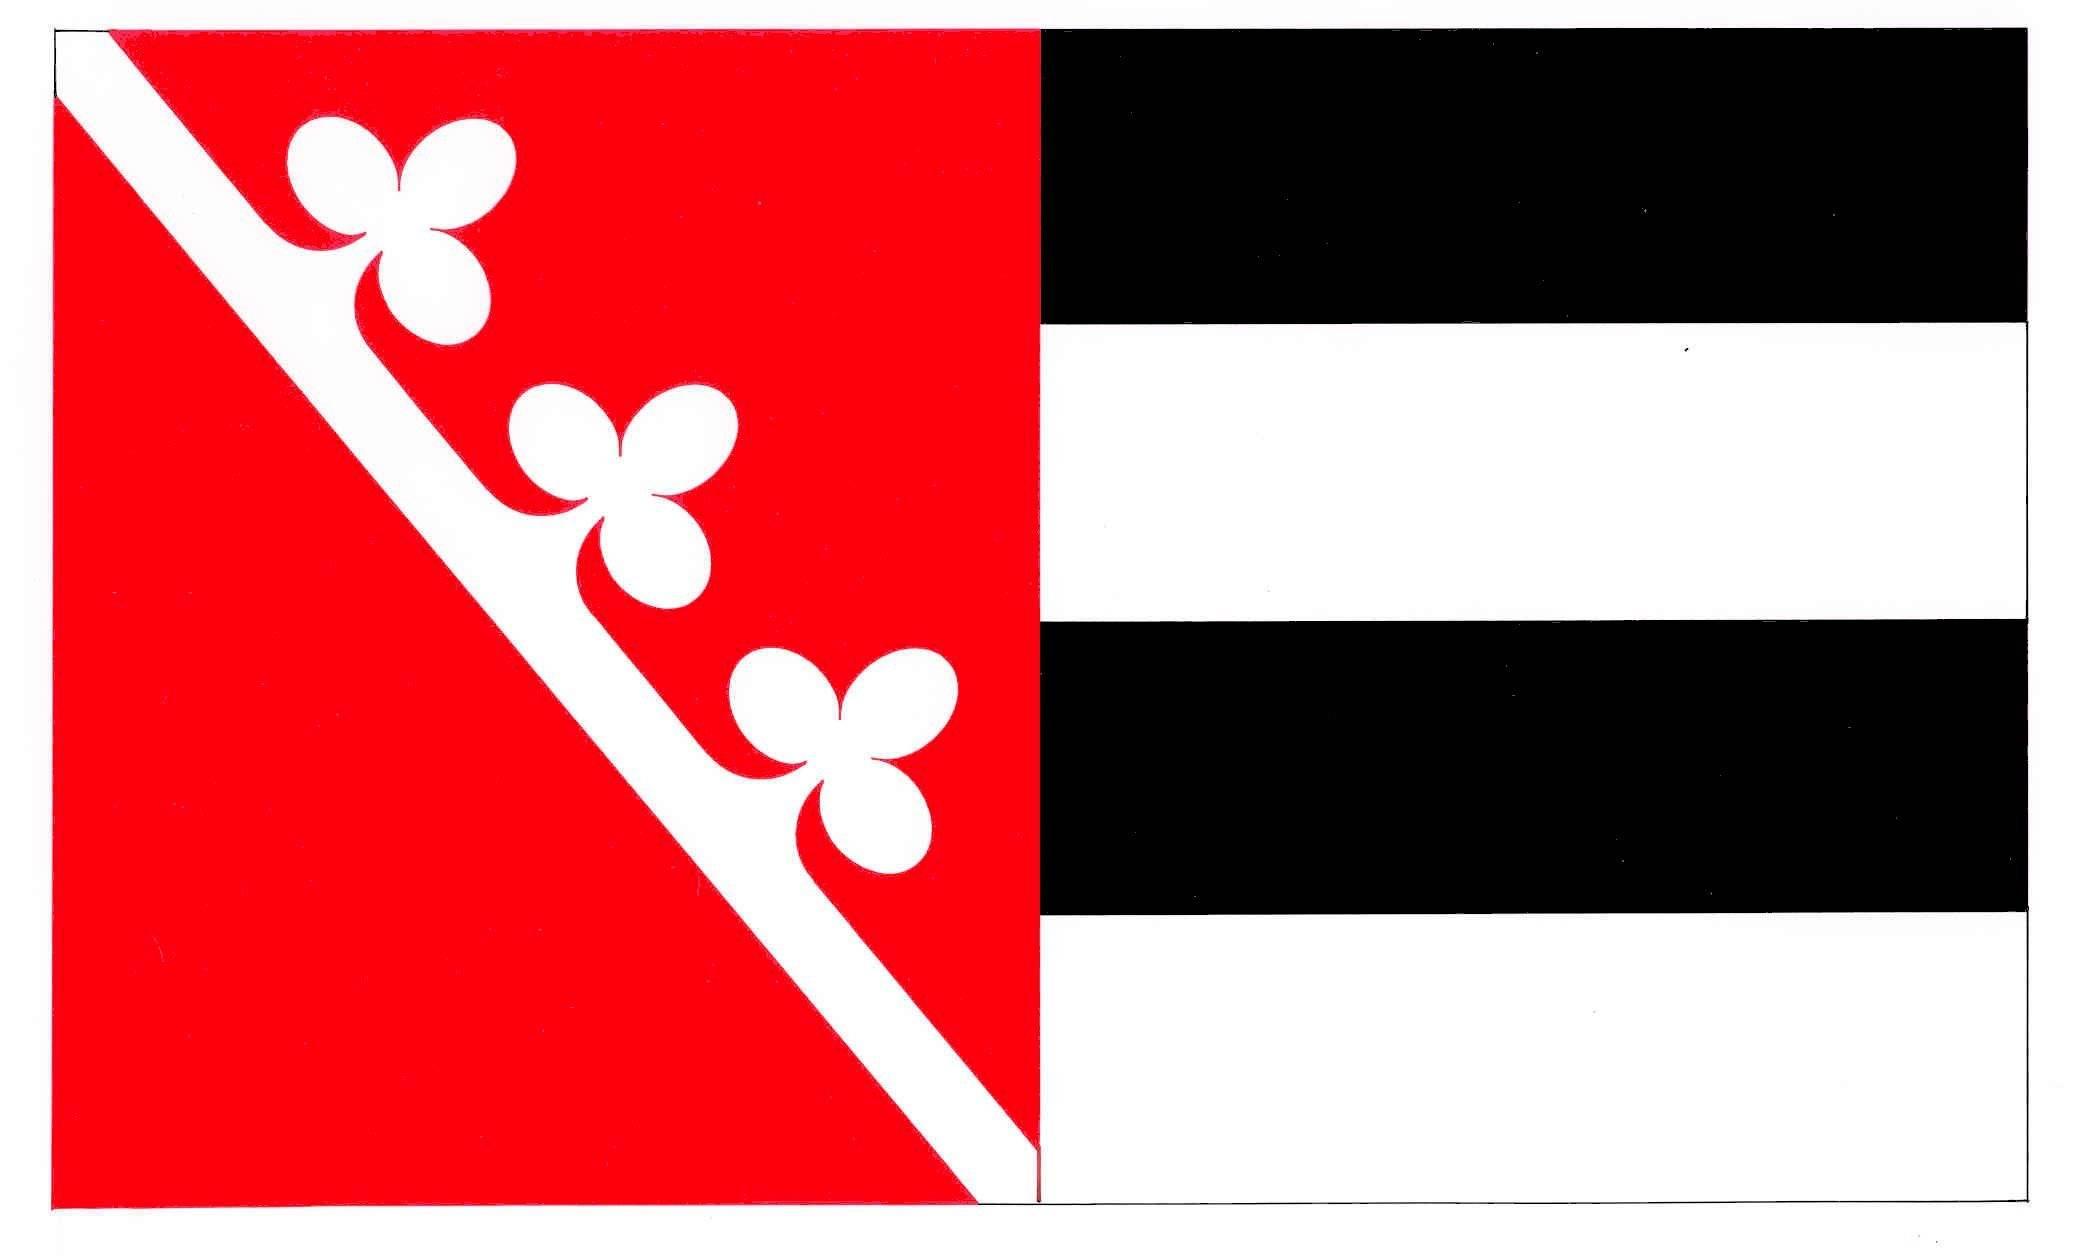 Flagge GemeindeBerkenthin, Kreis Herzogtum Lauenburg